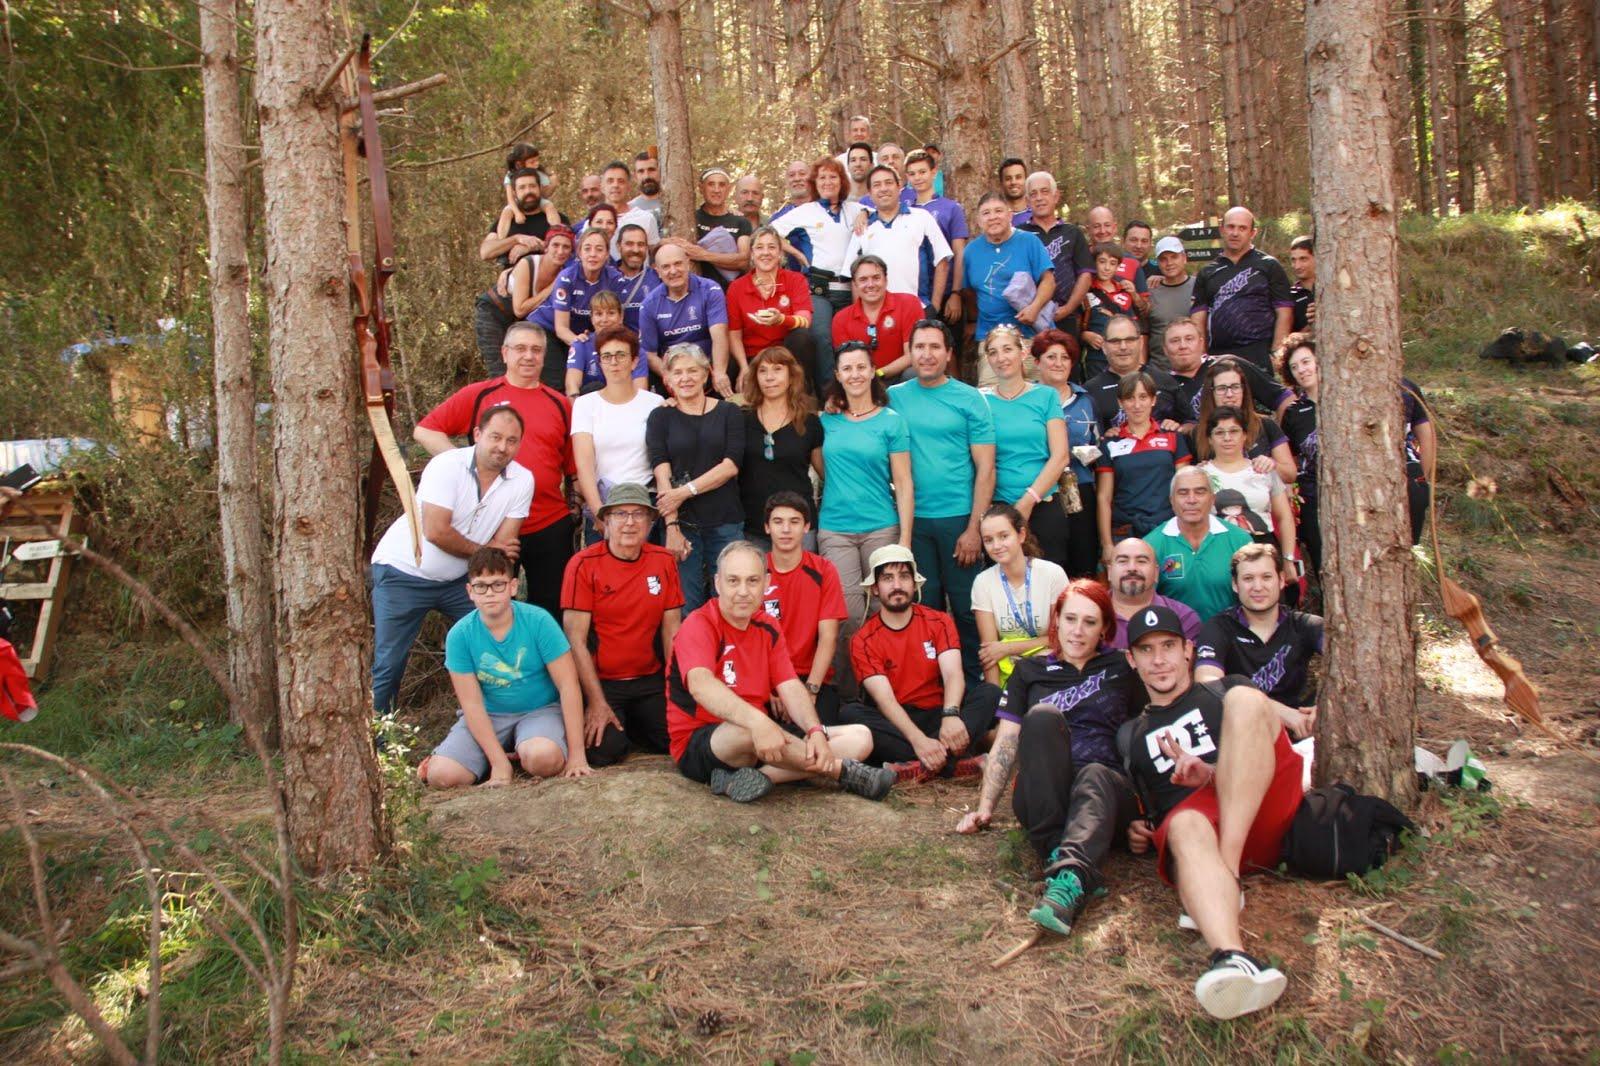 II Trofeo 3D Valle de Egüés 23-09-18